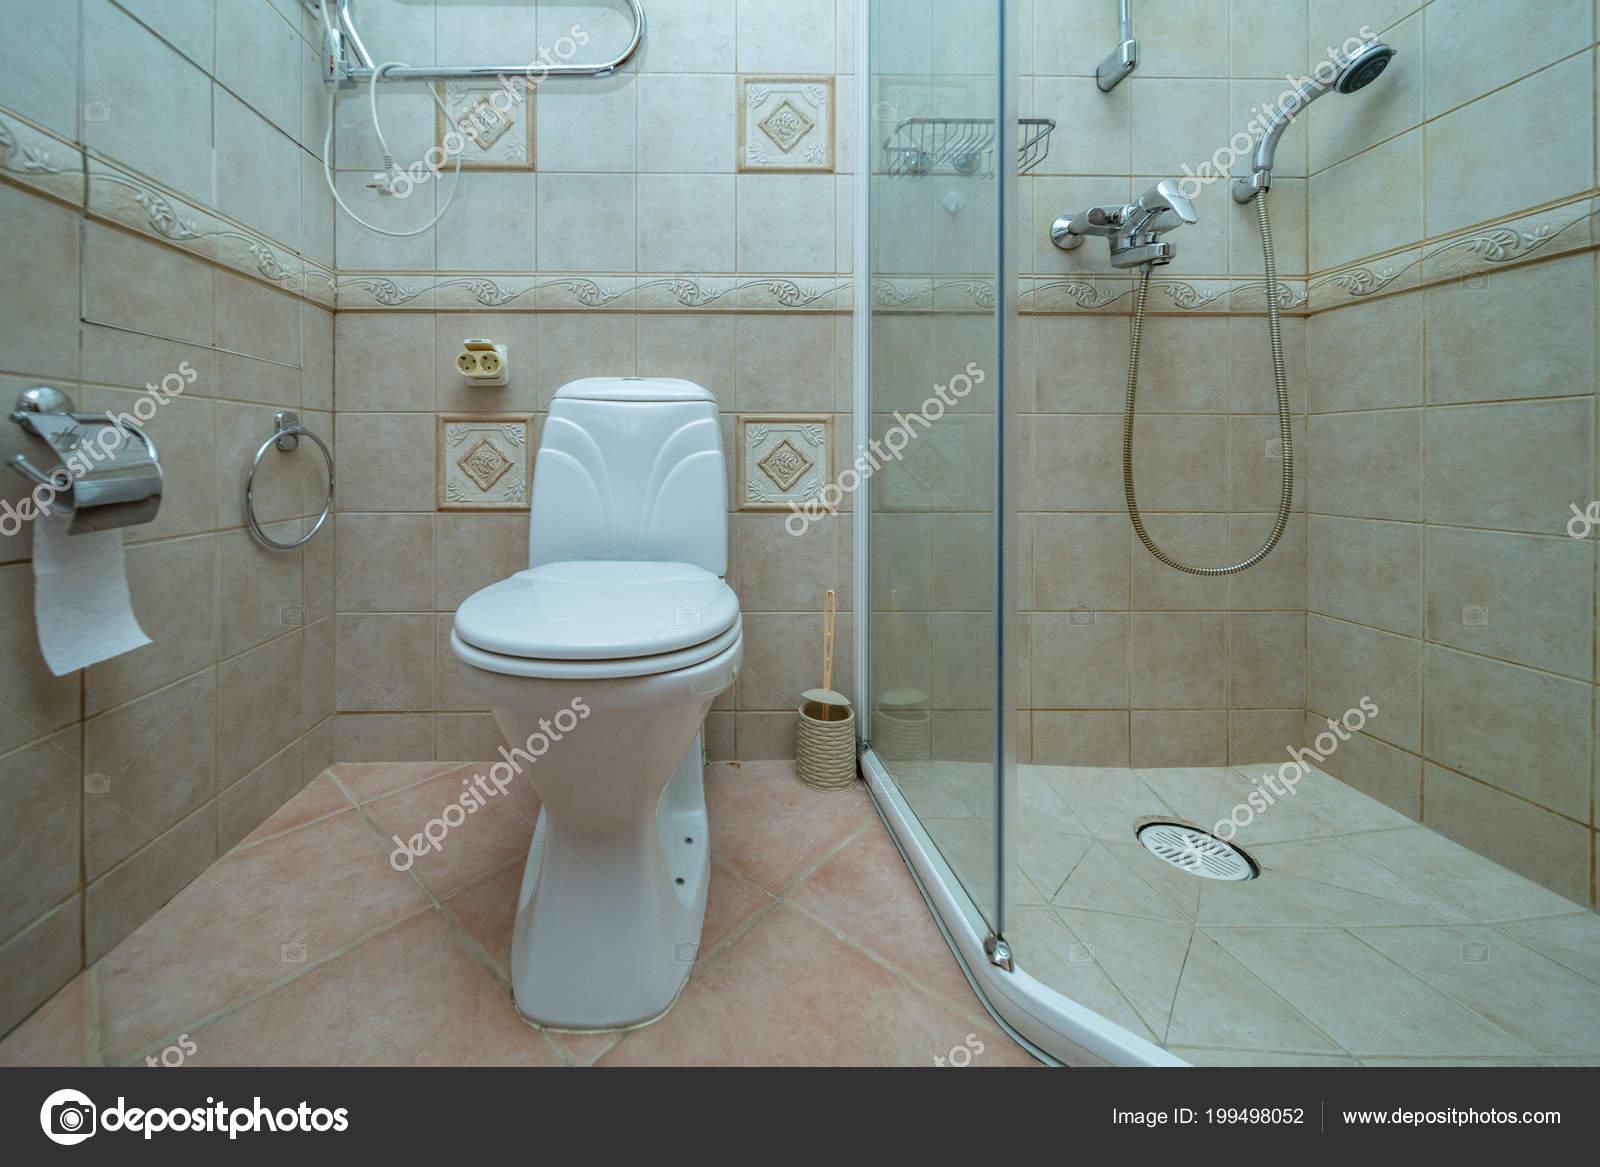 Schüssel Kleines Bad Mit Dusche Raum Mit Braunen Fliesen ...